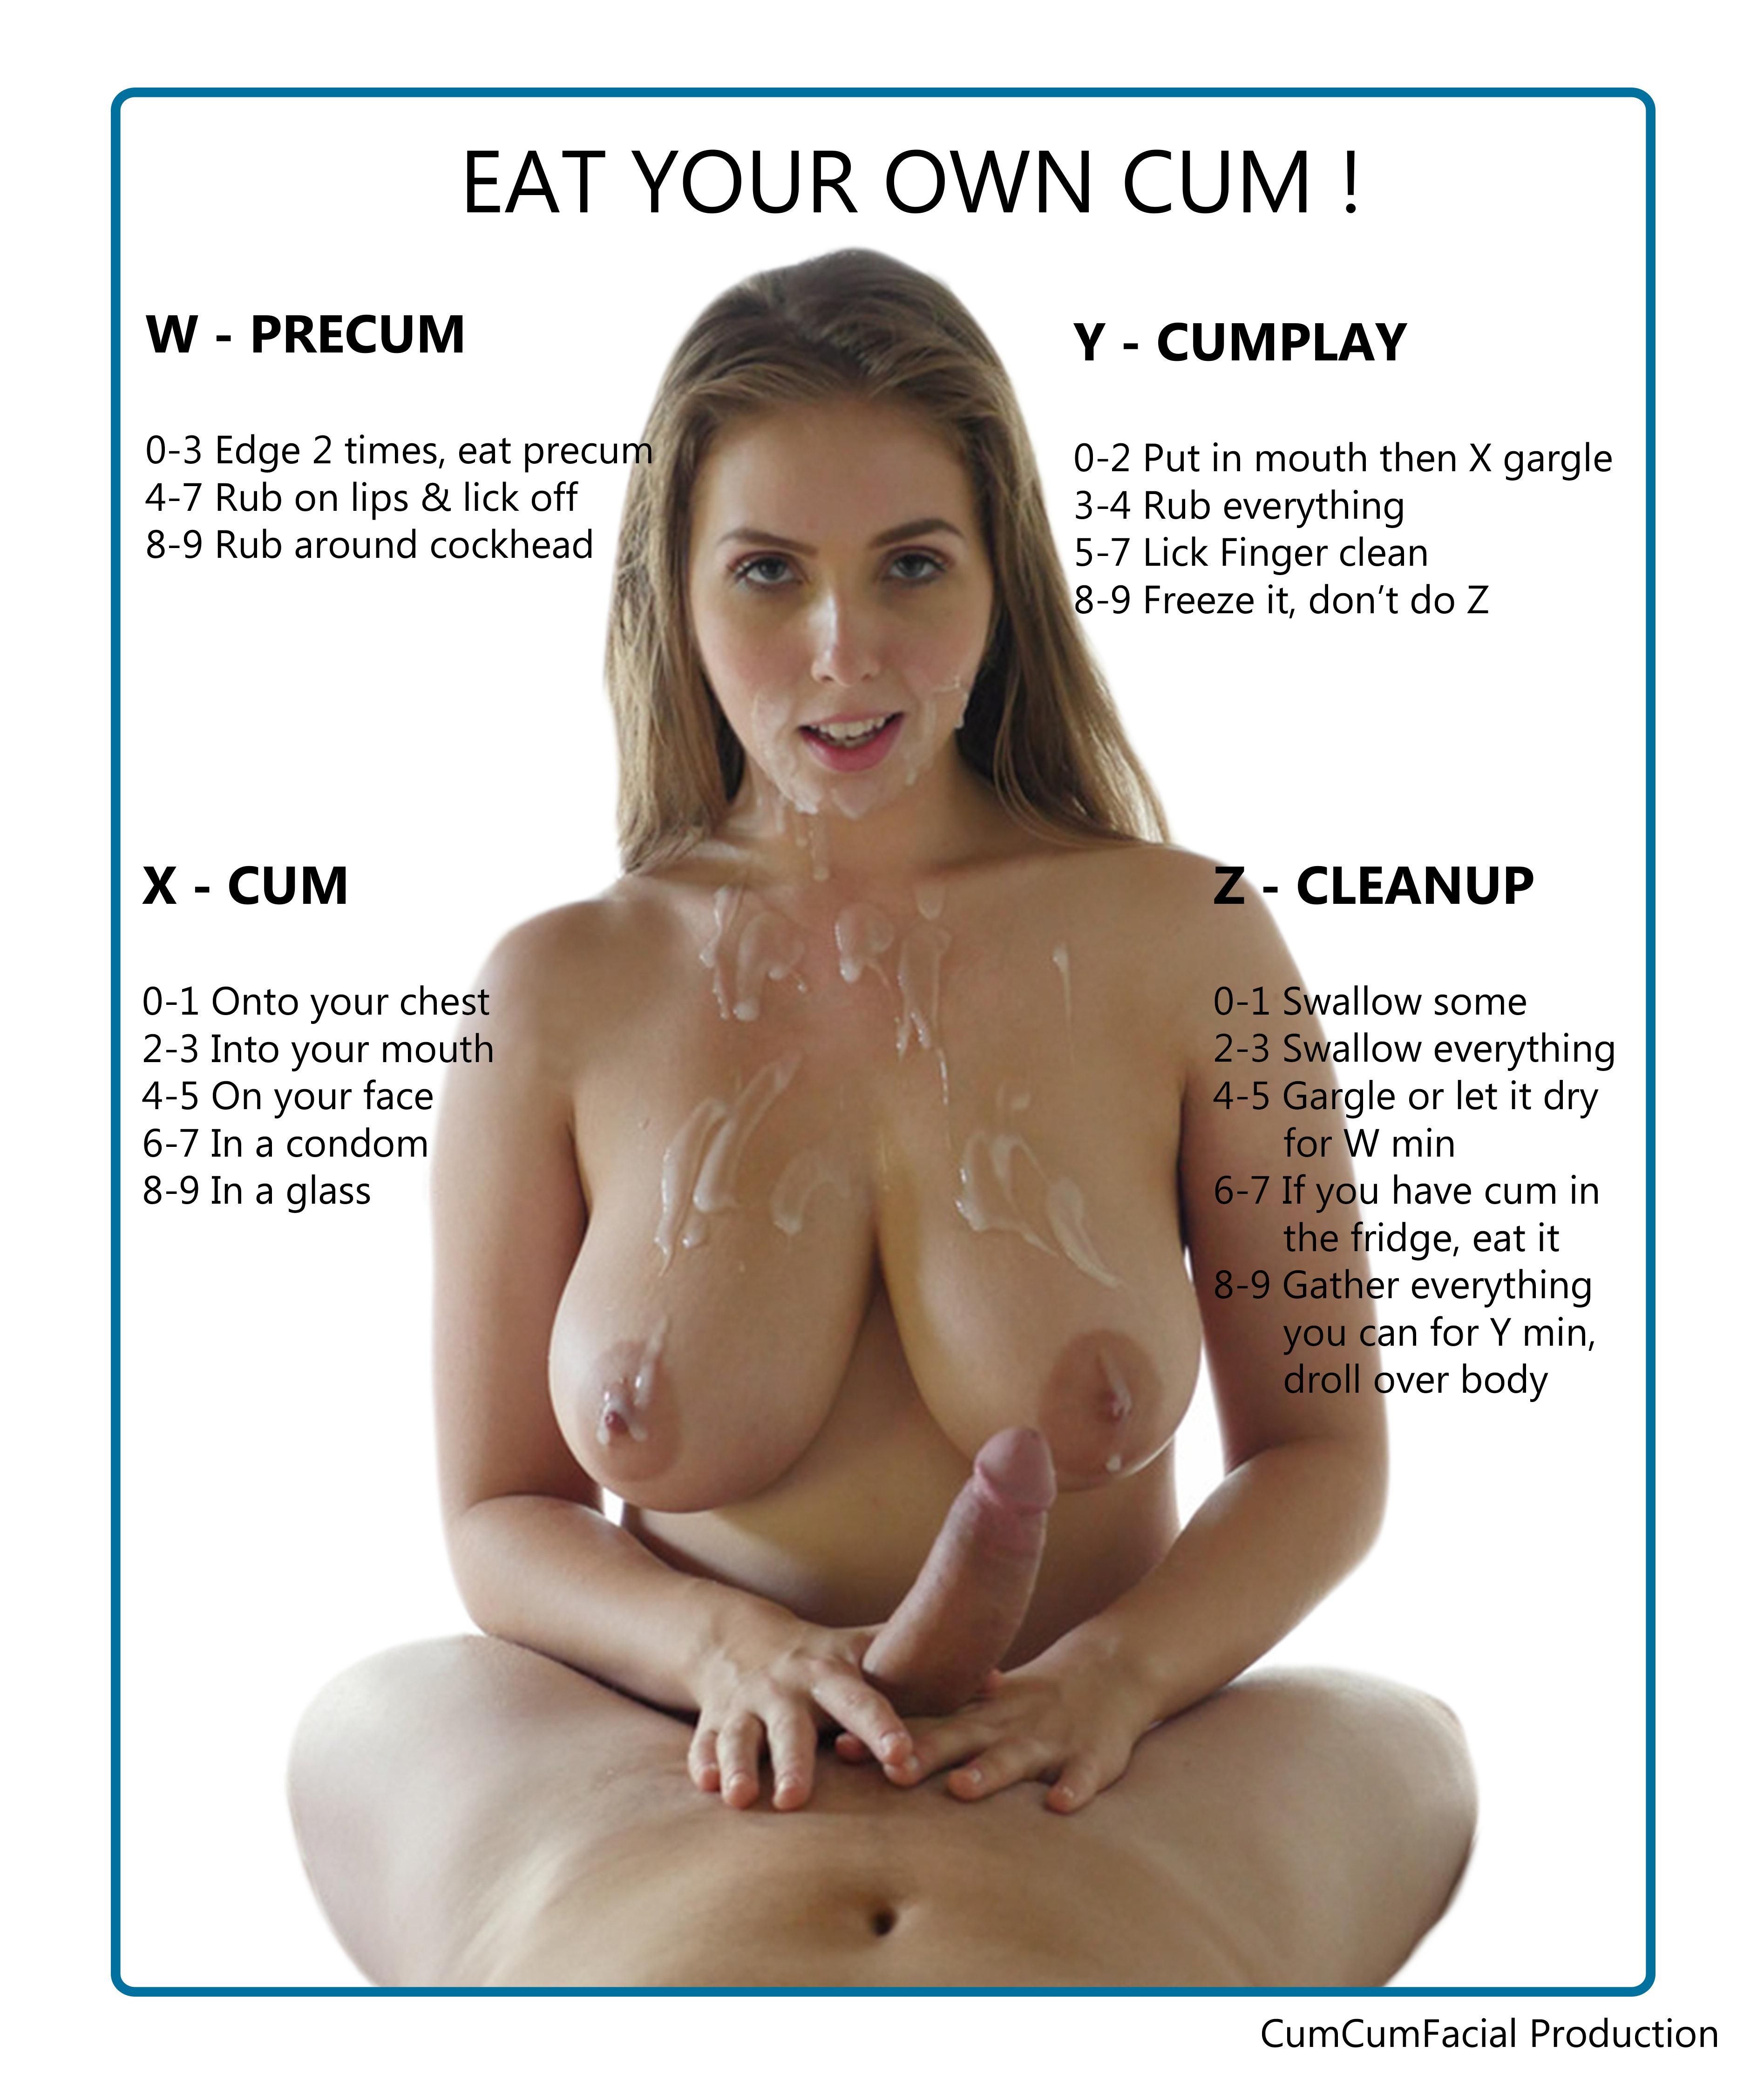 hot girl having sex naked in shower video